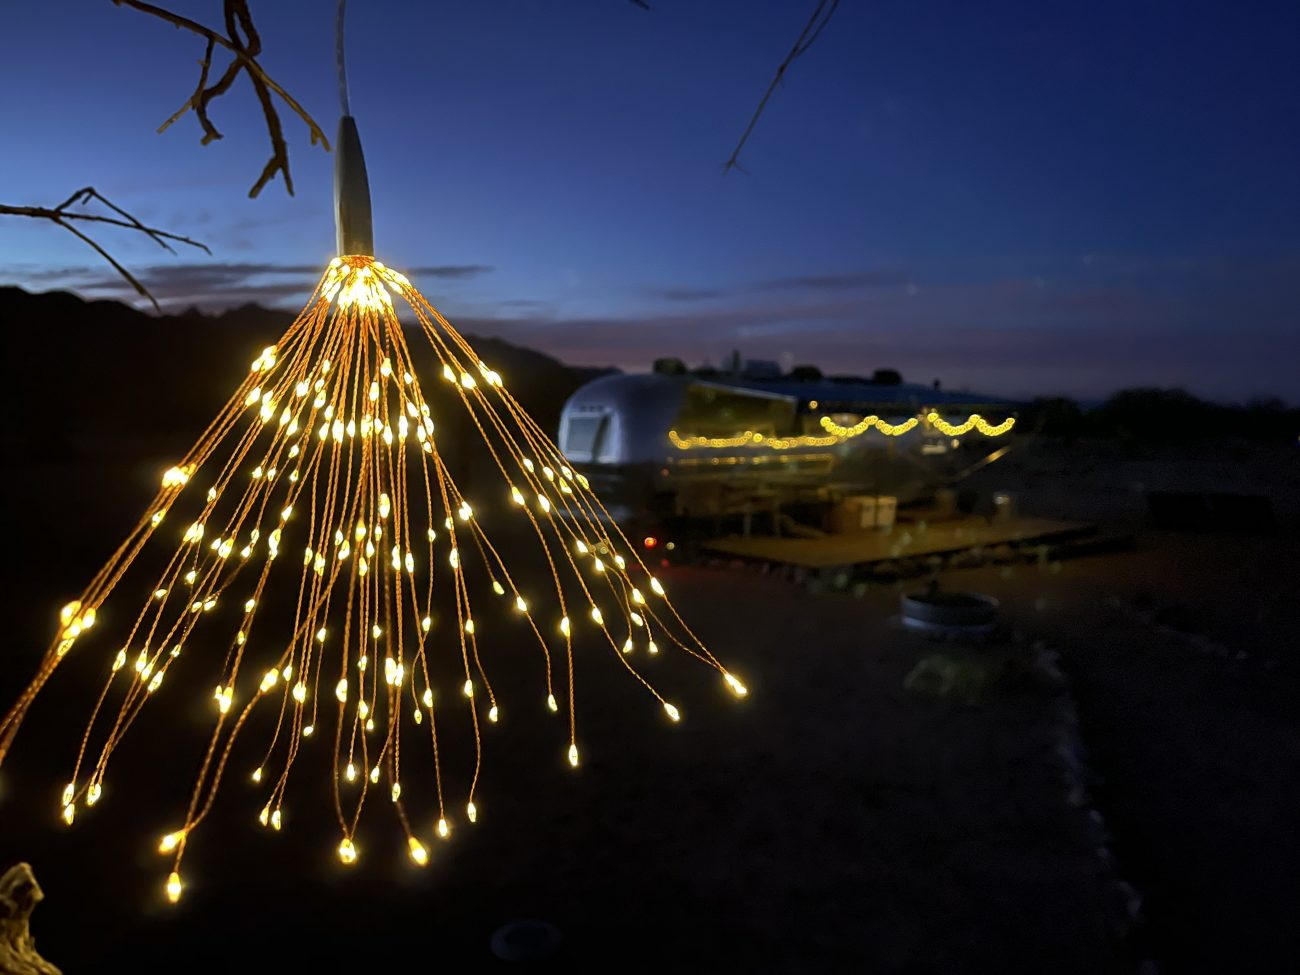 Starburst Sphere Lights